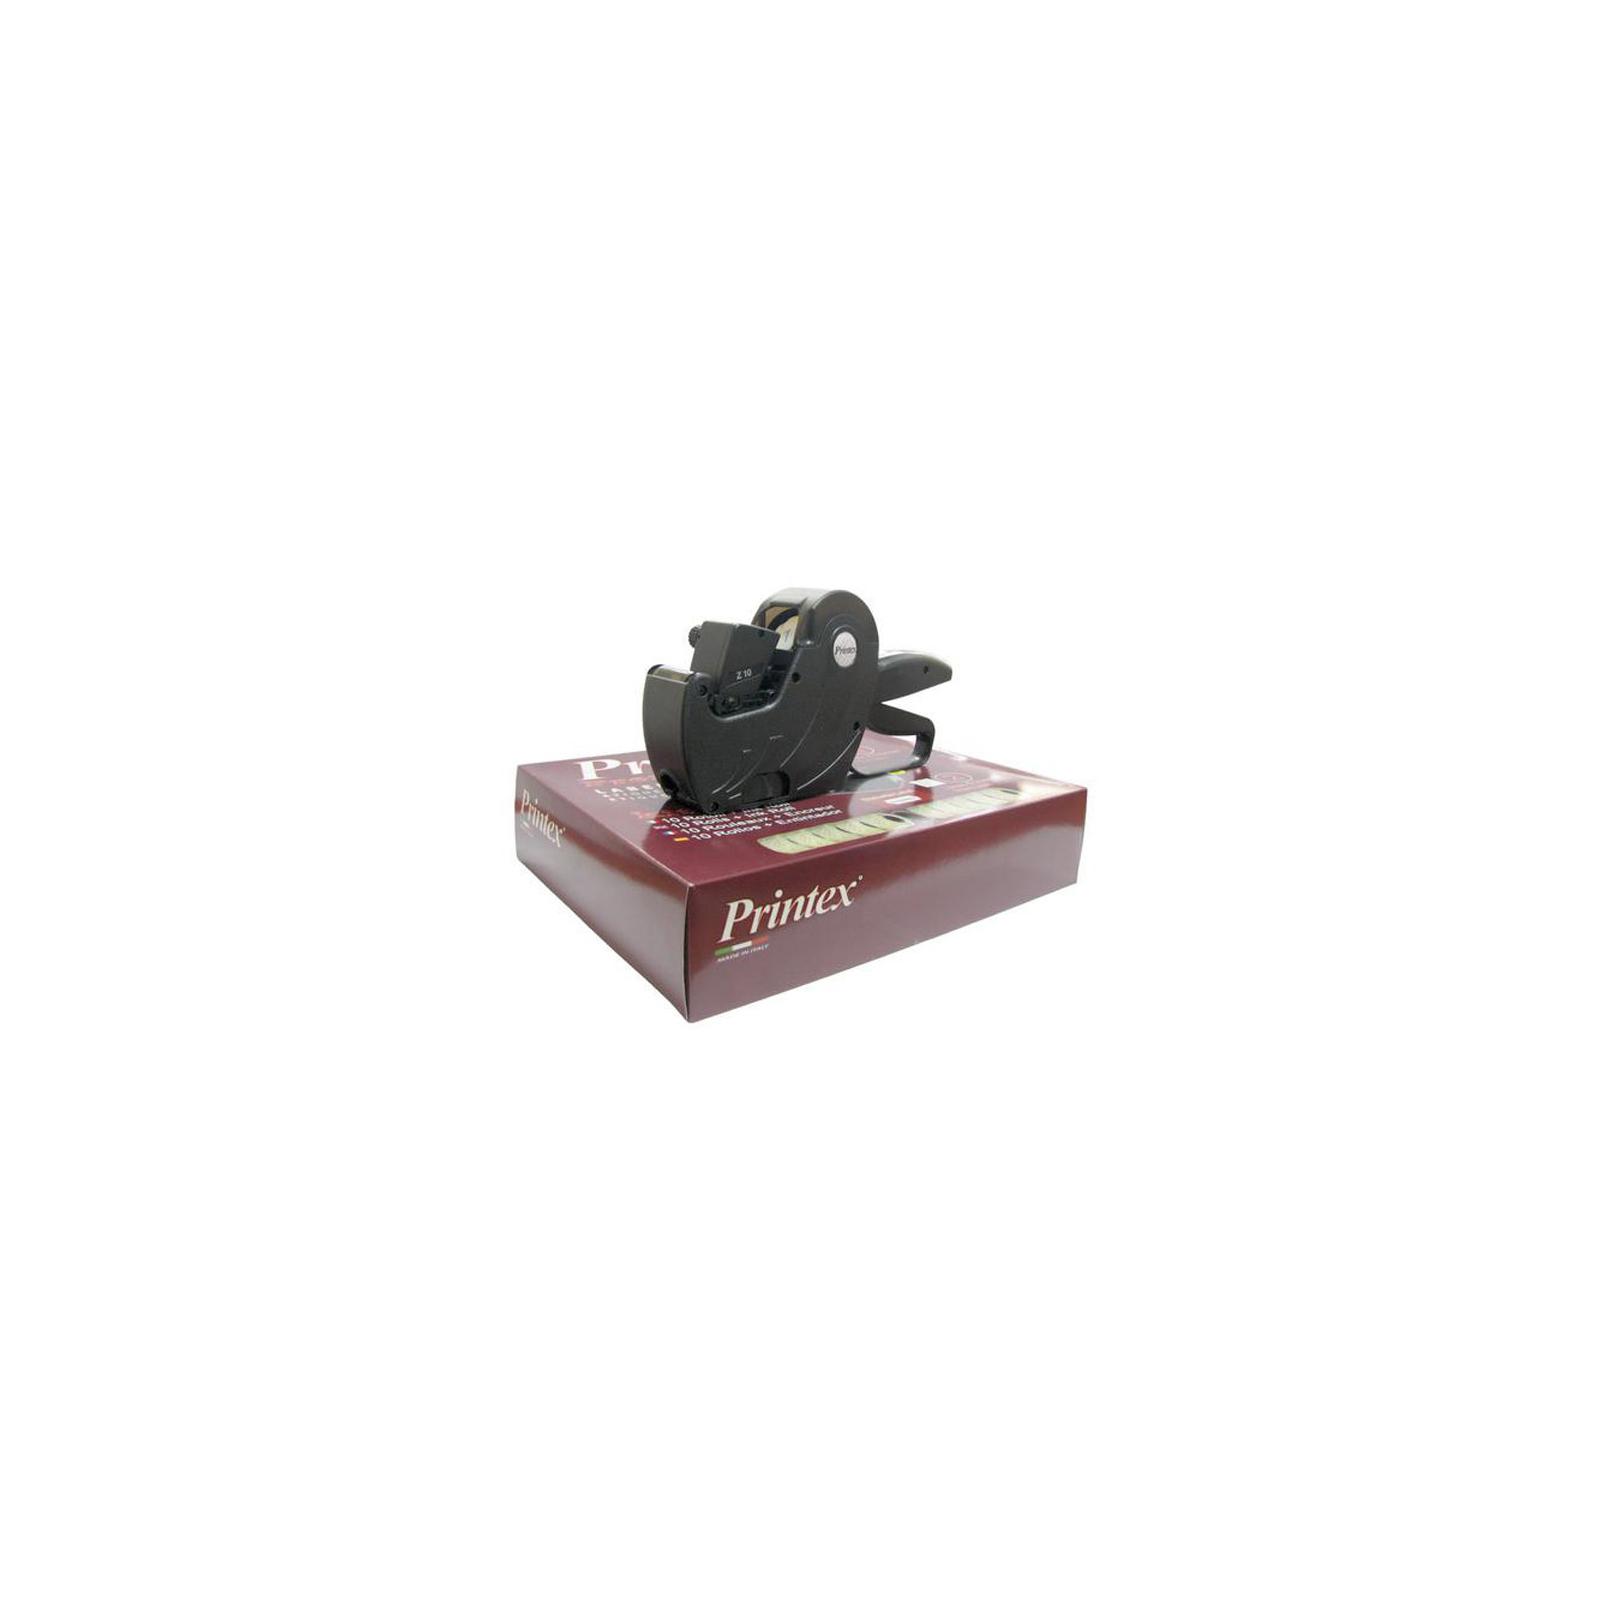 Этикет-пистолет Printex Z10 (10n) + Kit (5657) изображение 2